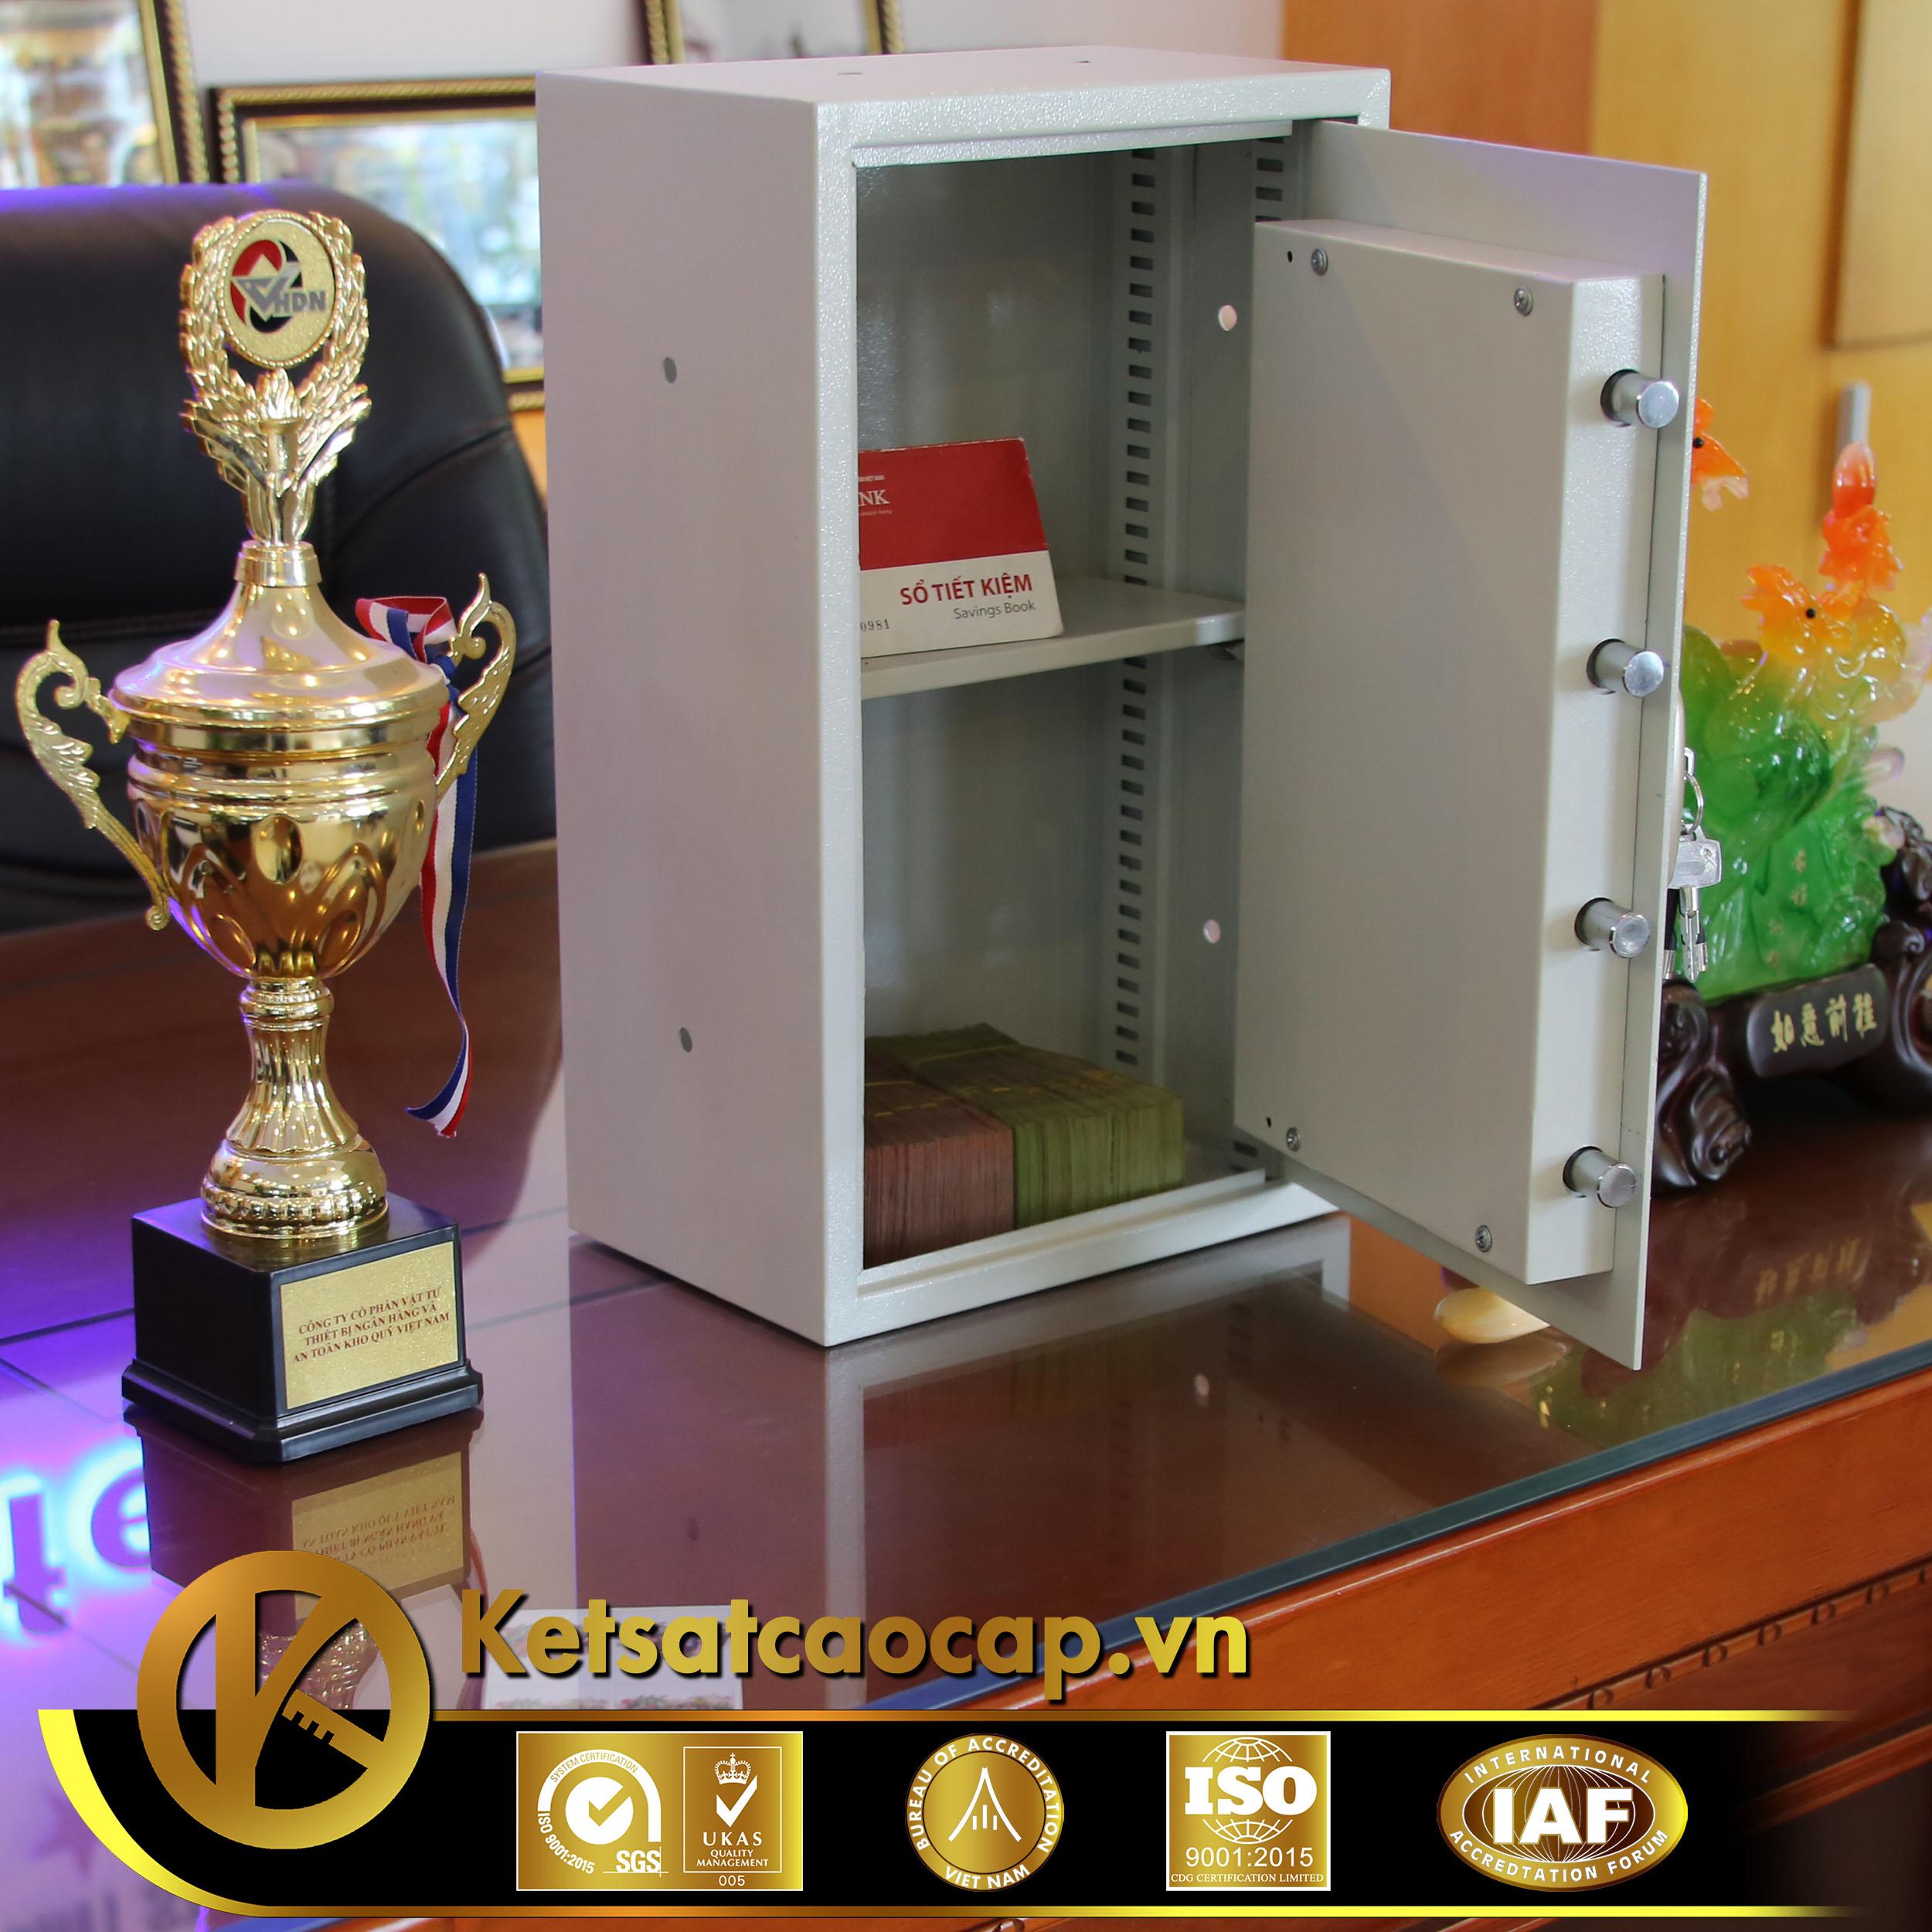 đặc điểm sản phẩm Két sắt khách sạn cao cấp KS50 ÂM TƯỜNG